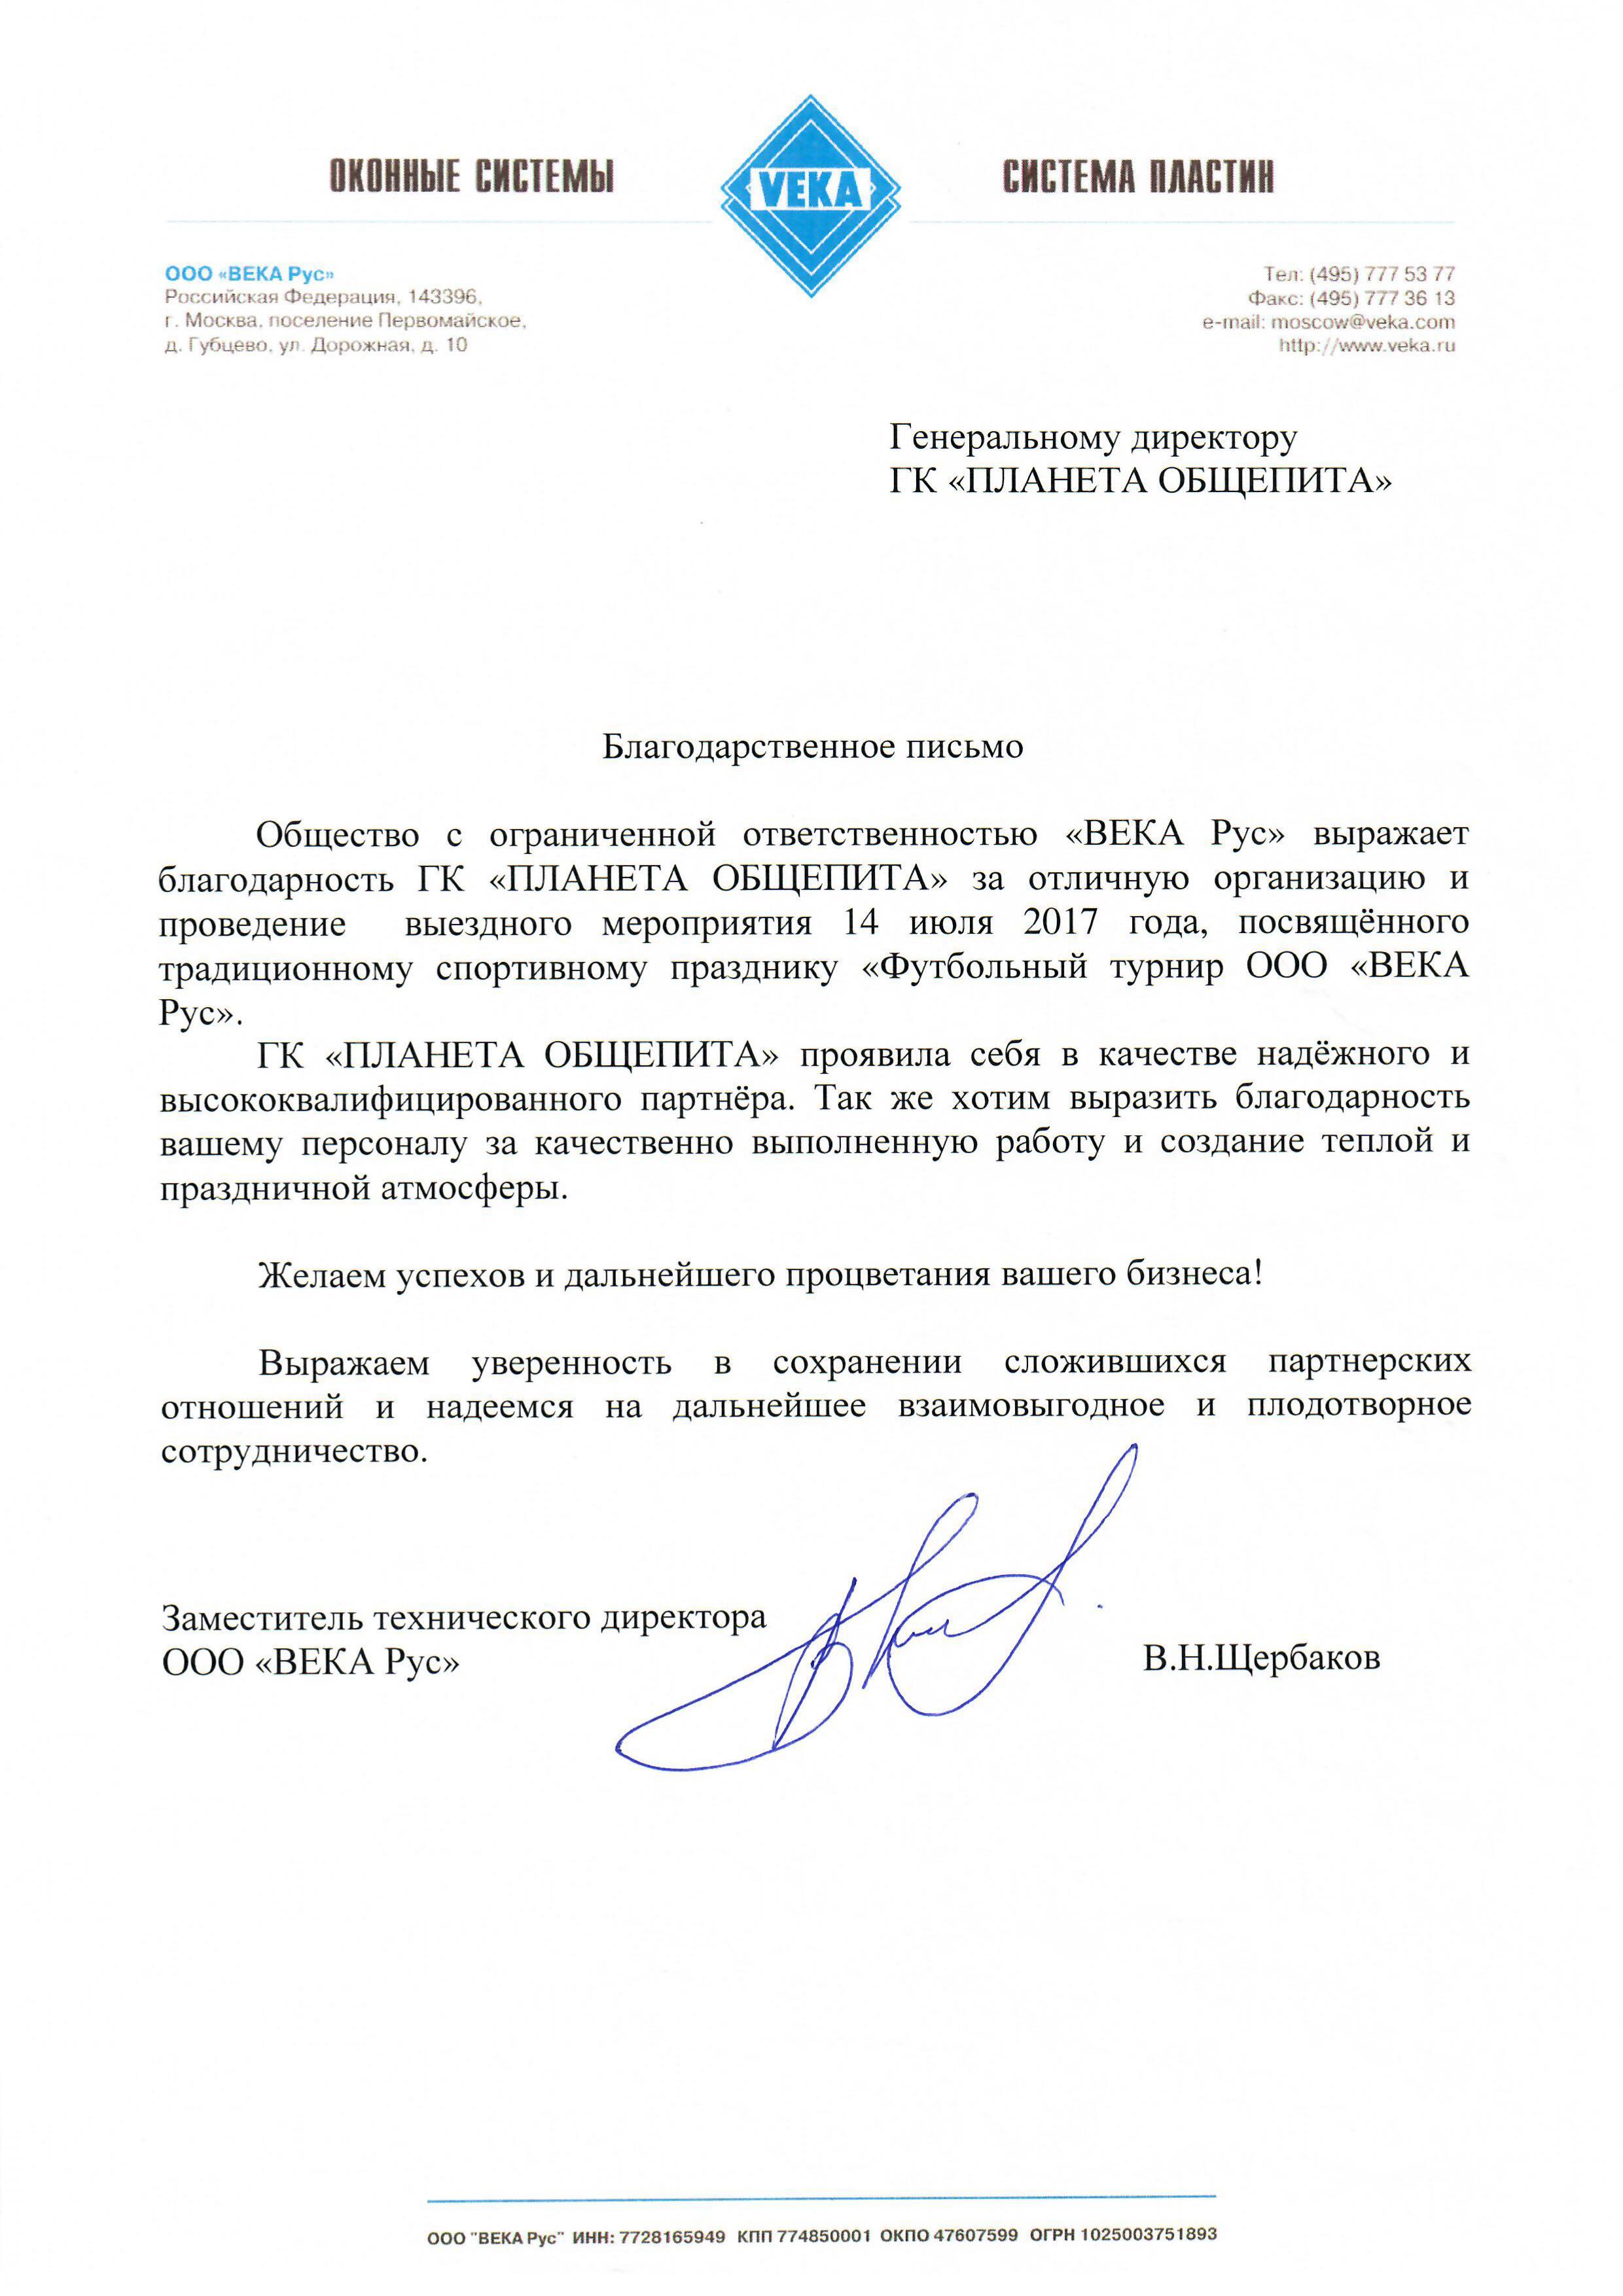 Медицинская книжка для общепита Москва Тропарёво-Никулино